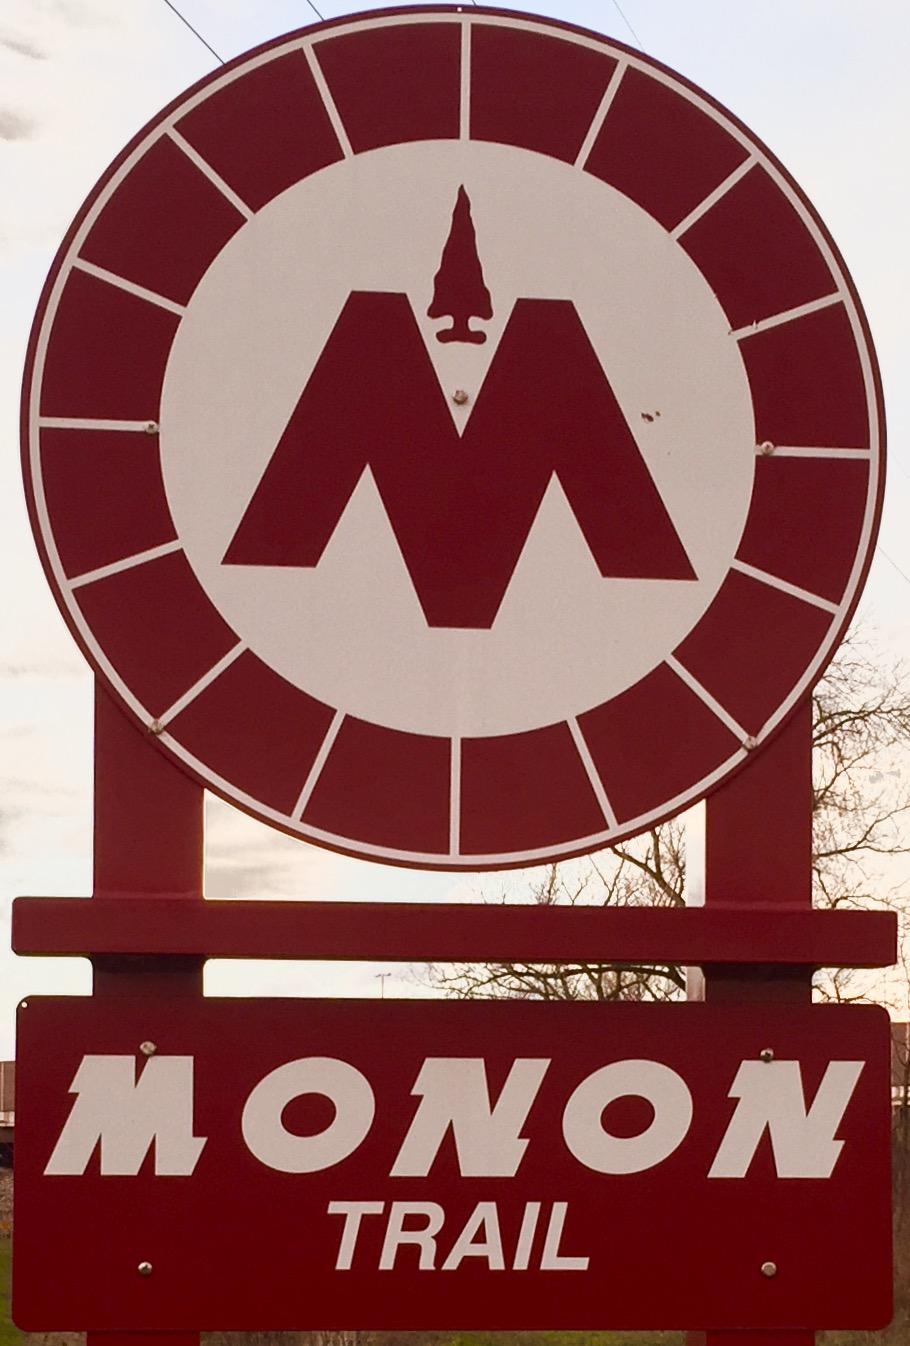 Monon Trail - Wikipedia